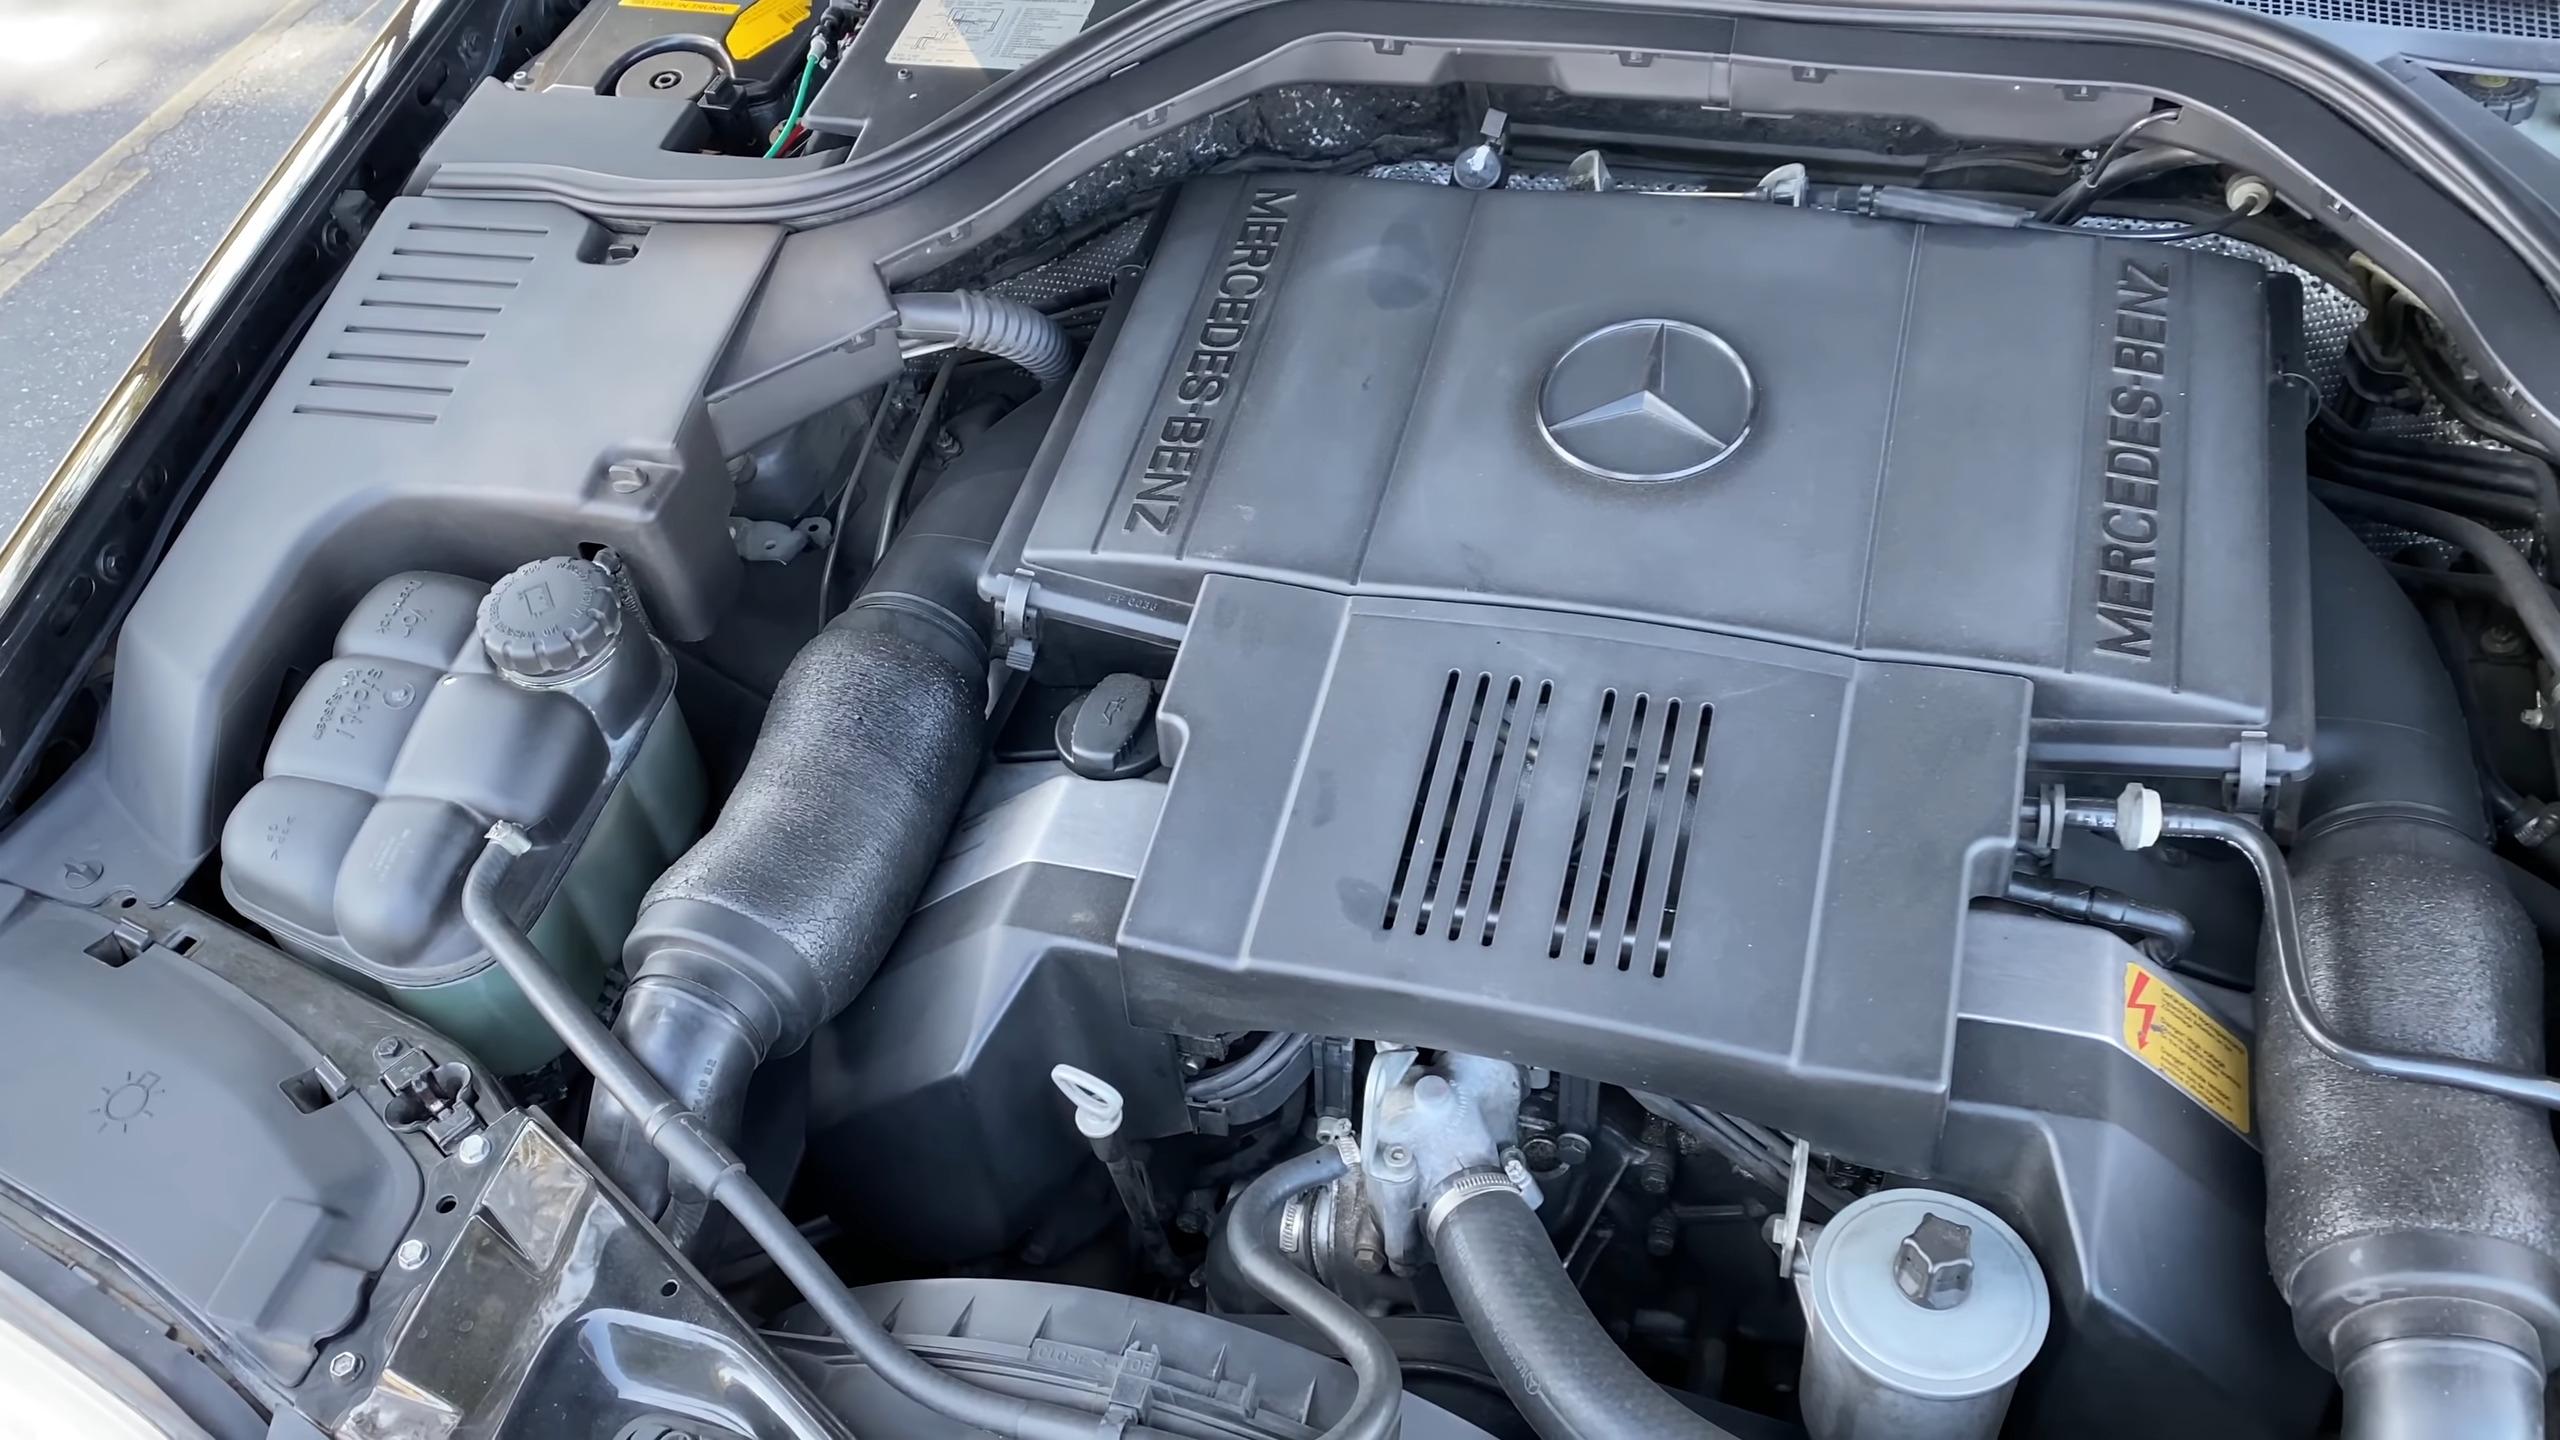 Mercedes Classe S W140 Doug DeMuro